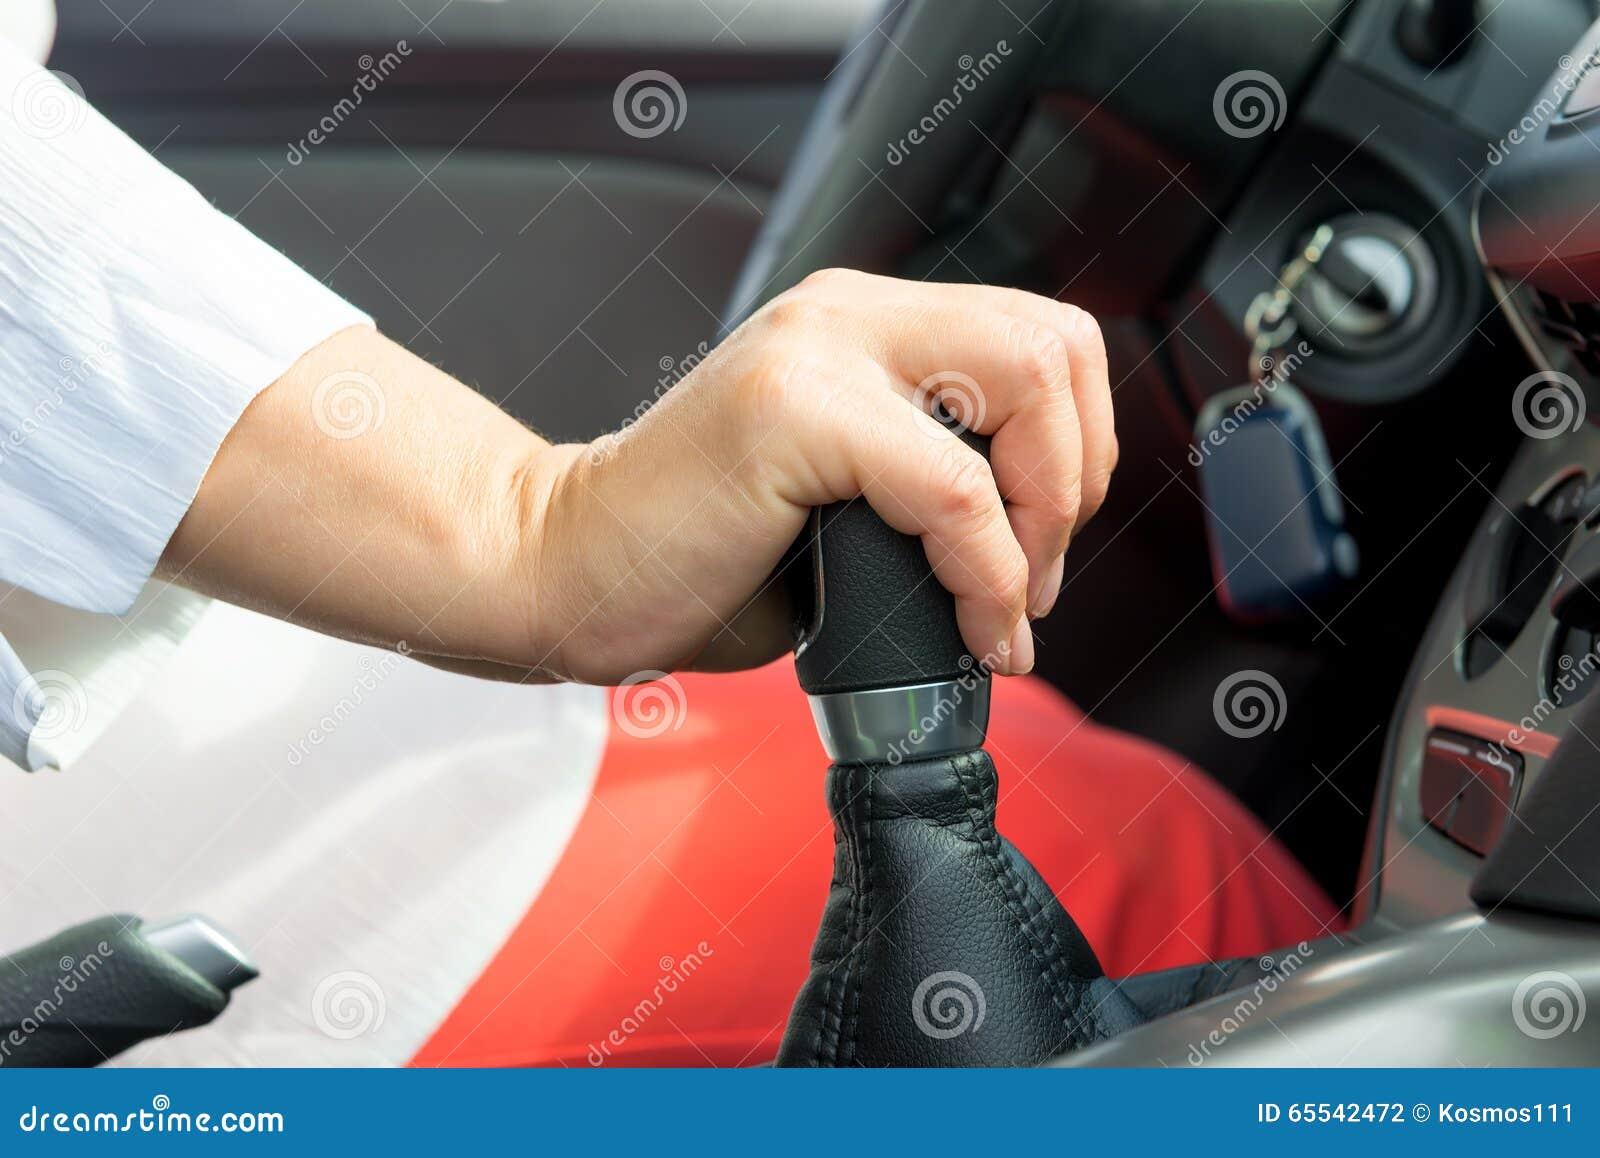 Die Hand der Frau, halten den Schalthebel in einem Auto